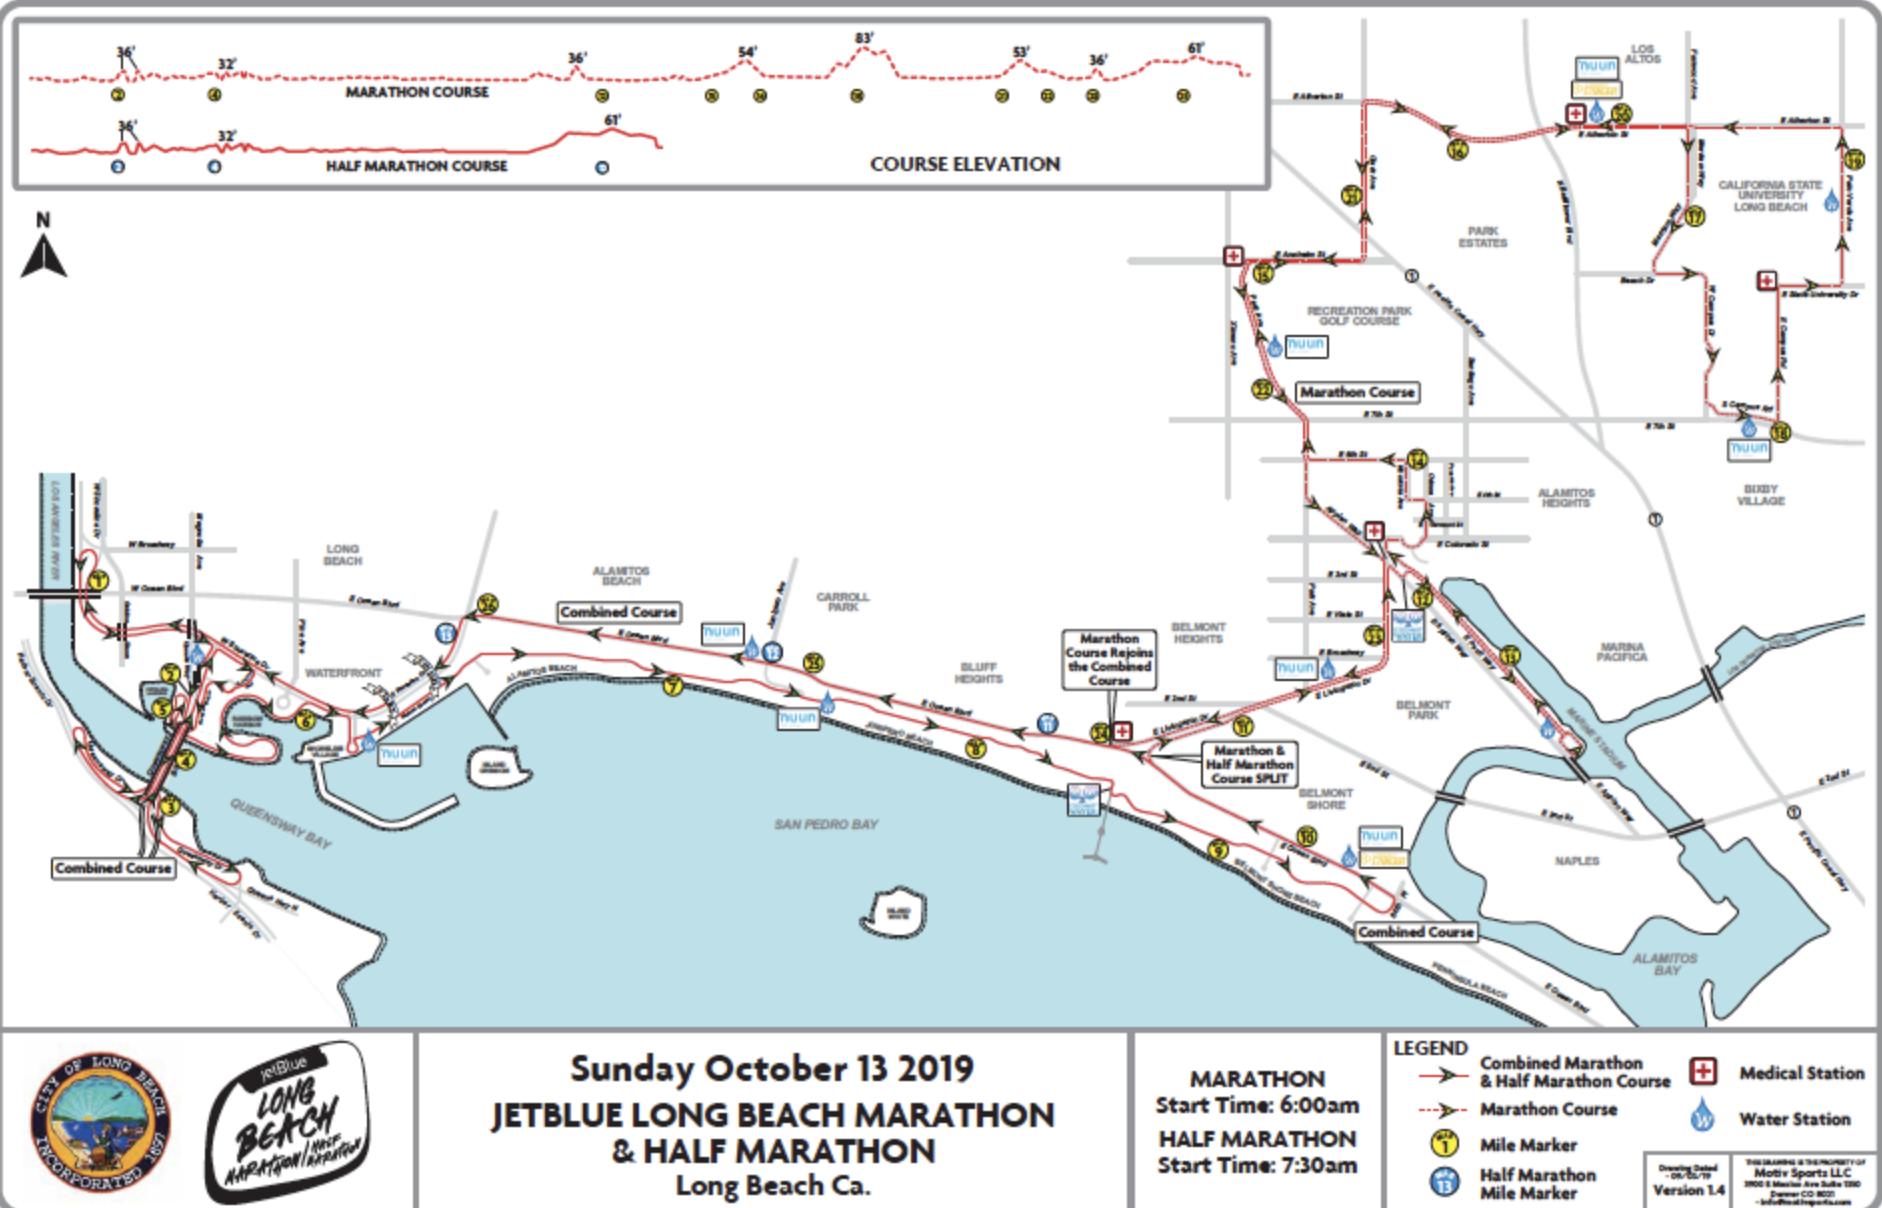 Long Beach Marathon road closures • Long Beach Post News